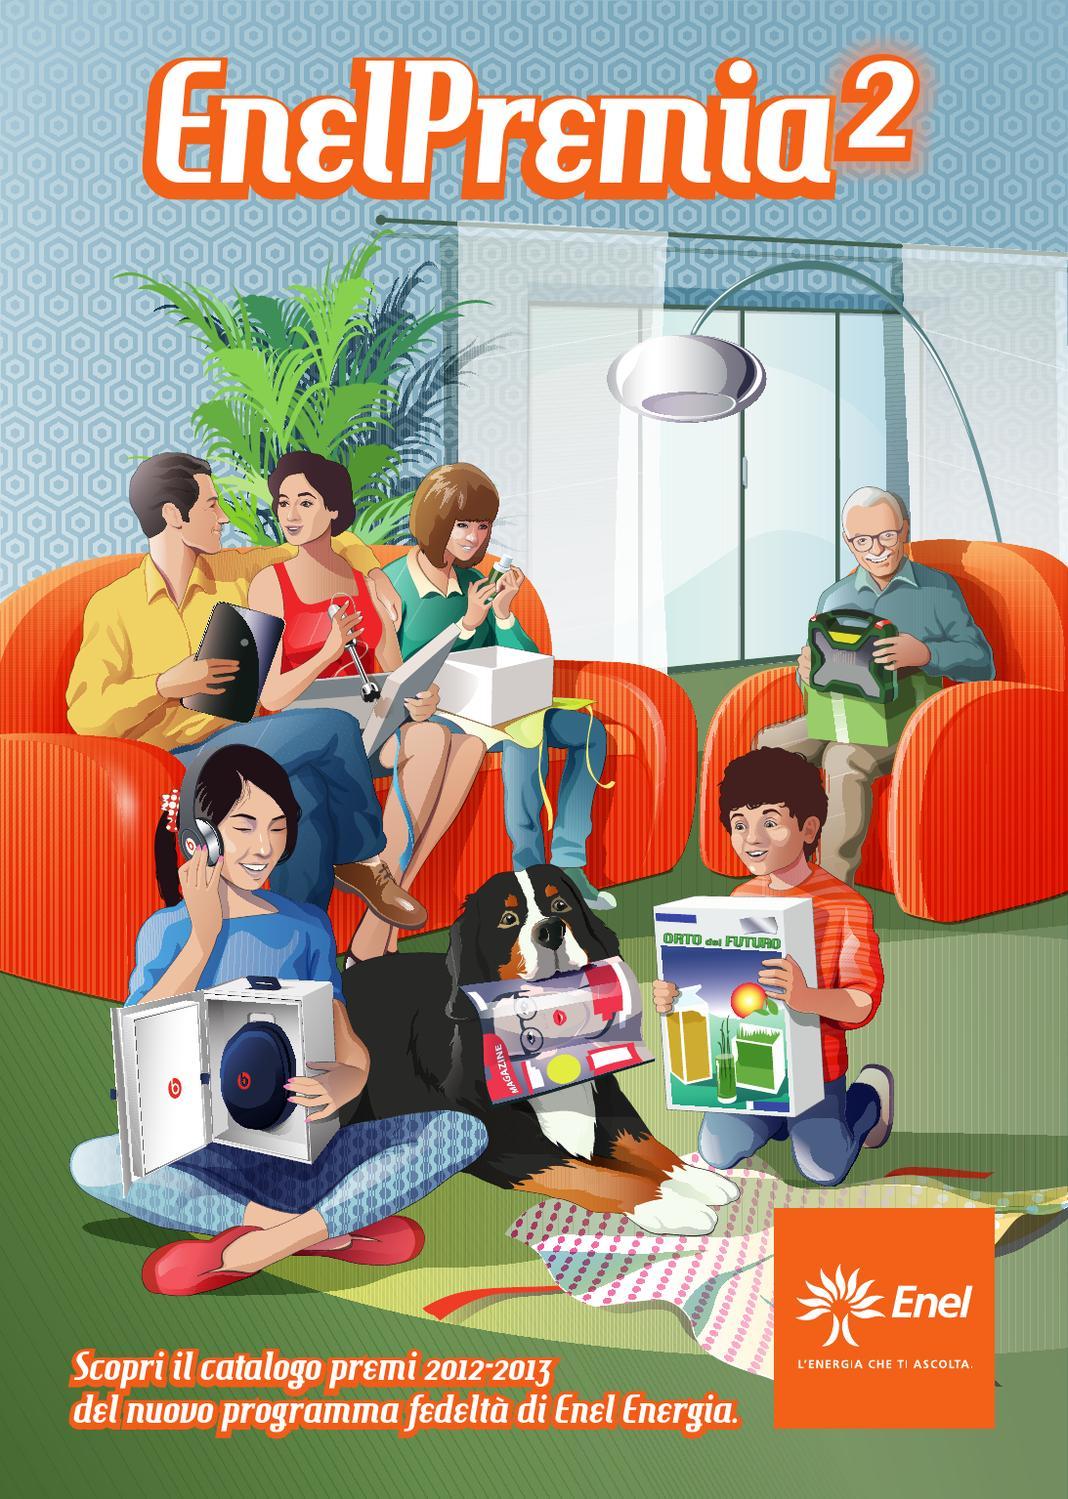 catalogo enelpremia 2012